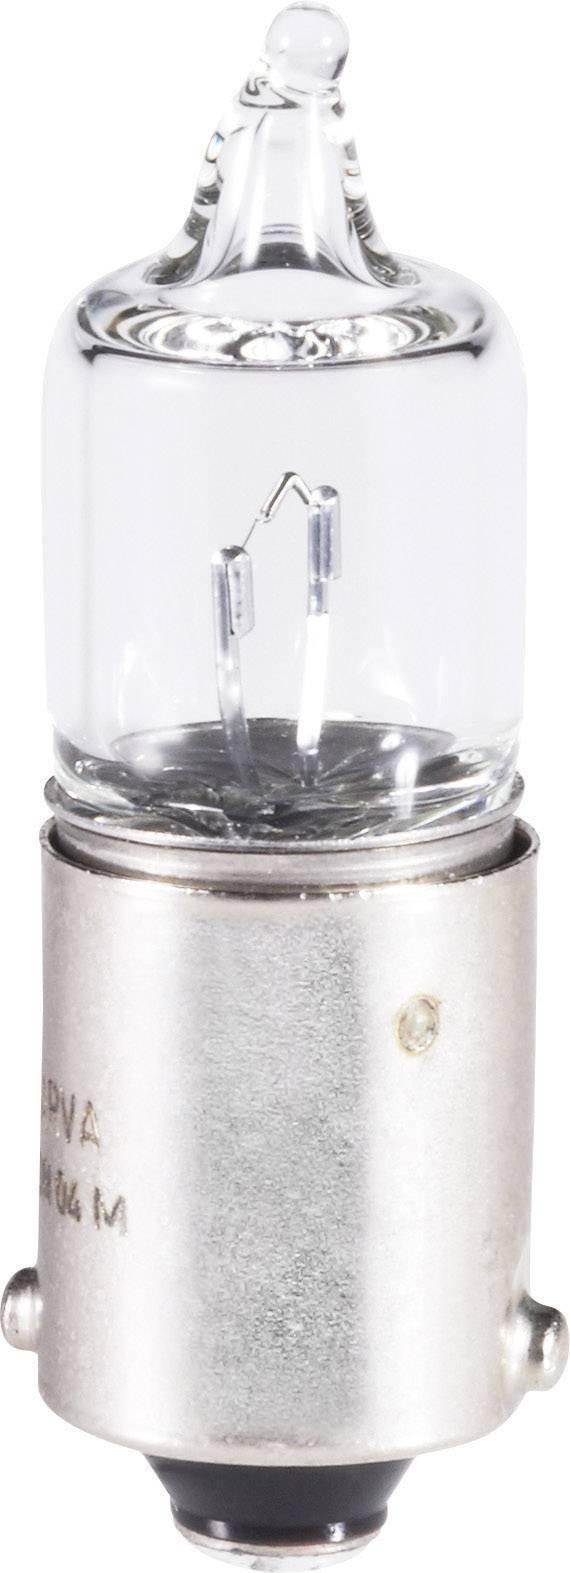 Miniatúrna halogénová žiarovka TRU COMPONENTS 12 V, 10 W, 833 mA, 1 ks